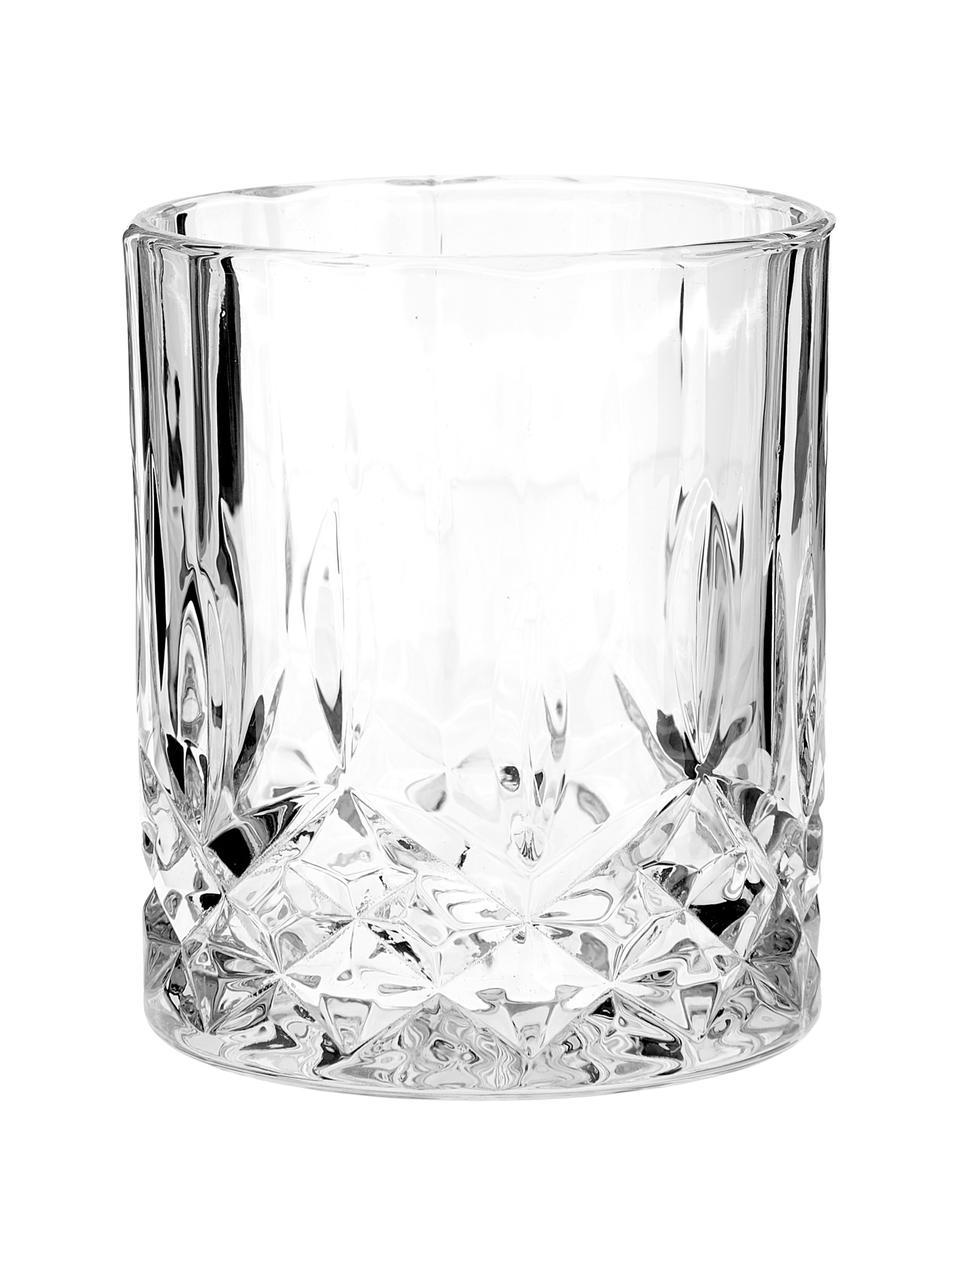 Gläser George mit Kristallrelief, 4 Stück, Glas, Transparent, Ø 8 x H 10 cm